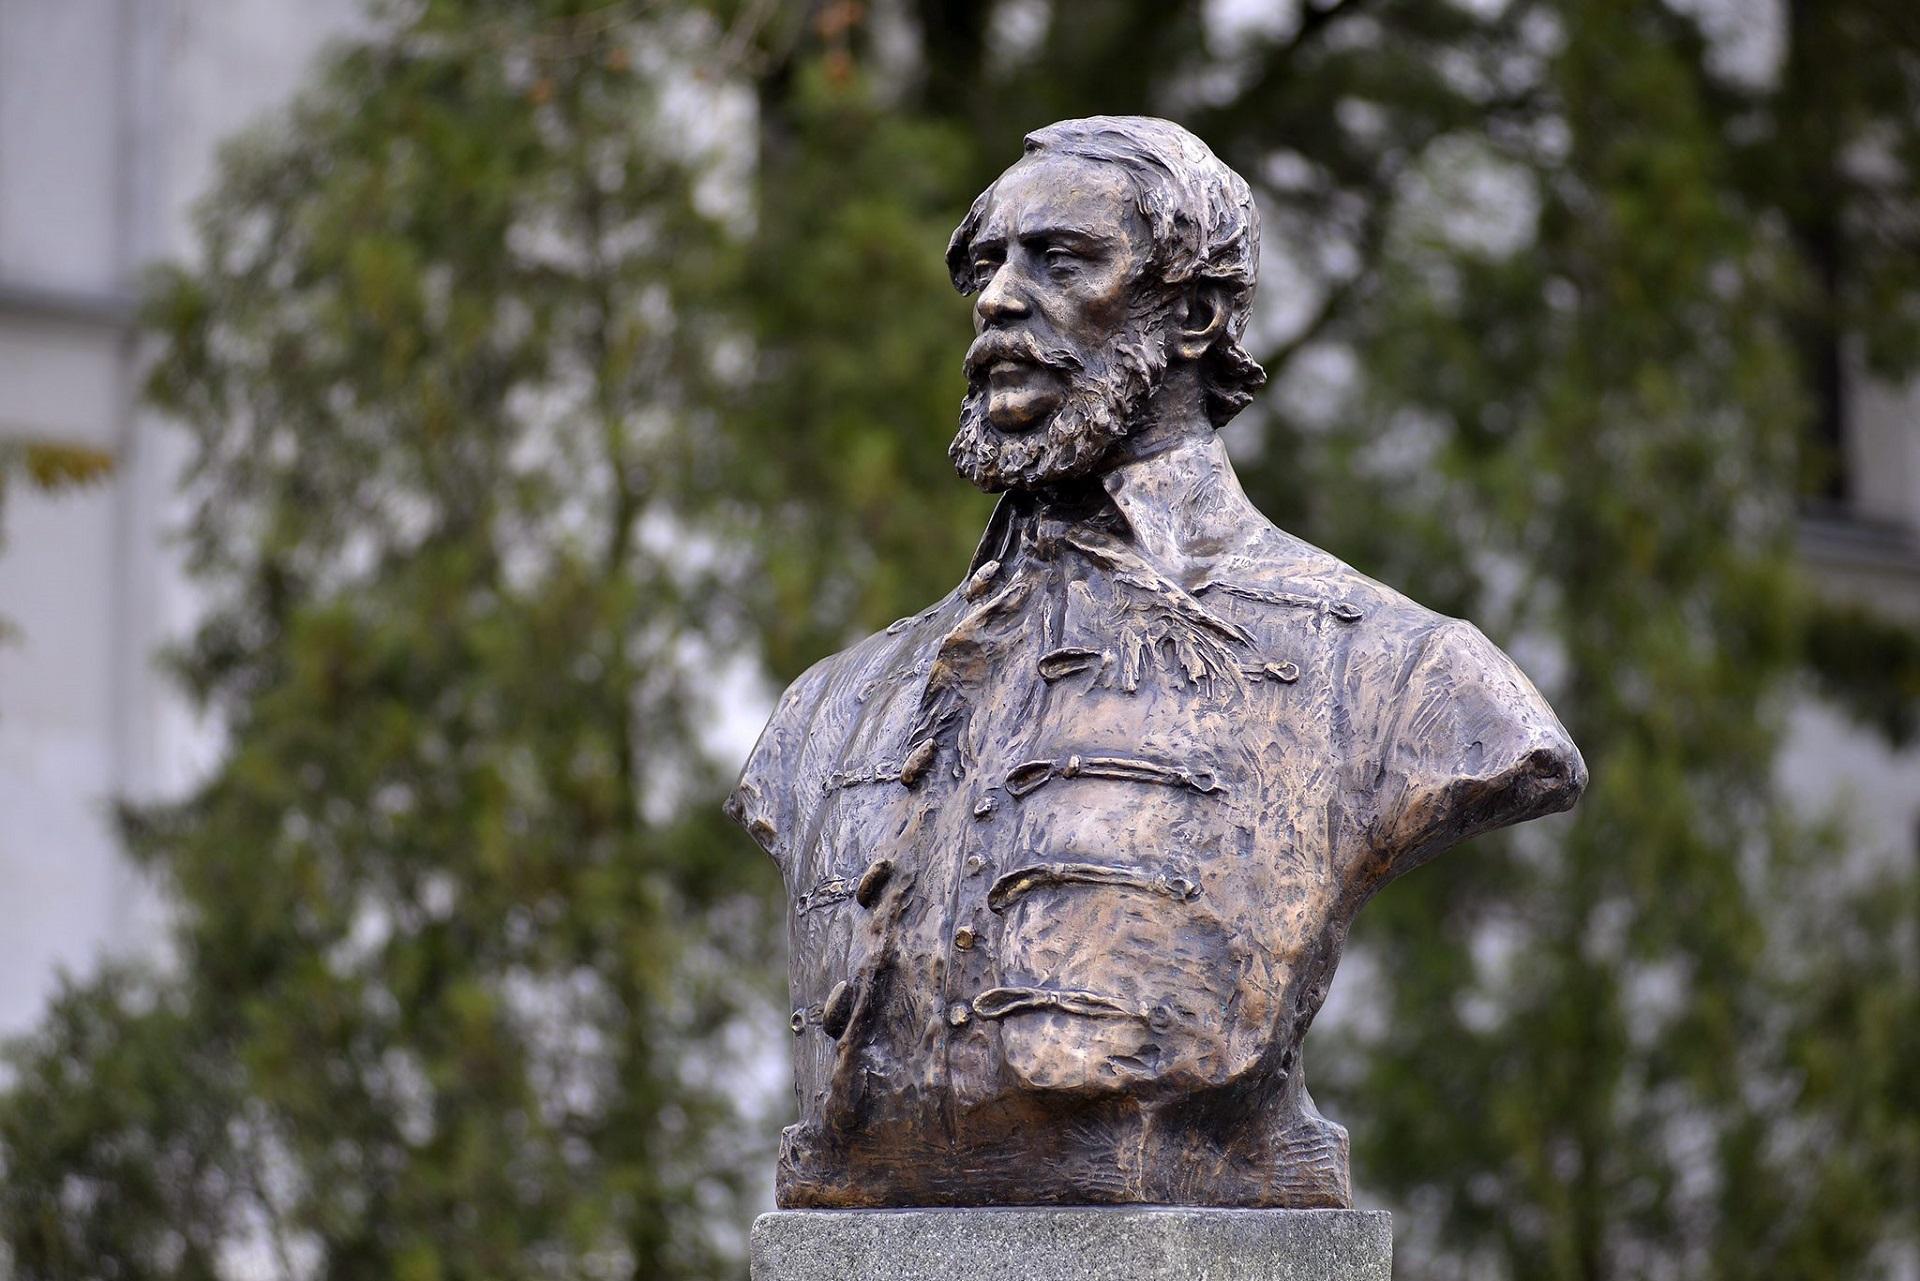 A Saul fia alkotói és Balázs Fecó Kossuth-díjat, Erdő Péter és Martonyi János Széchenyi-díjat kaptak